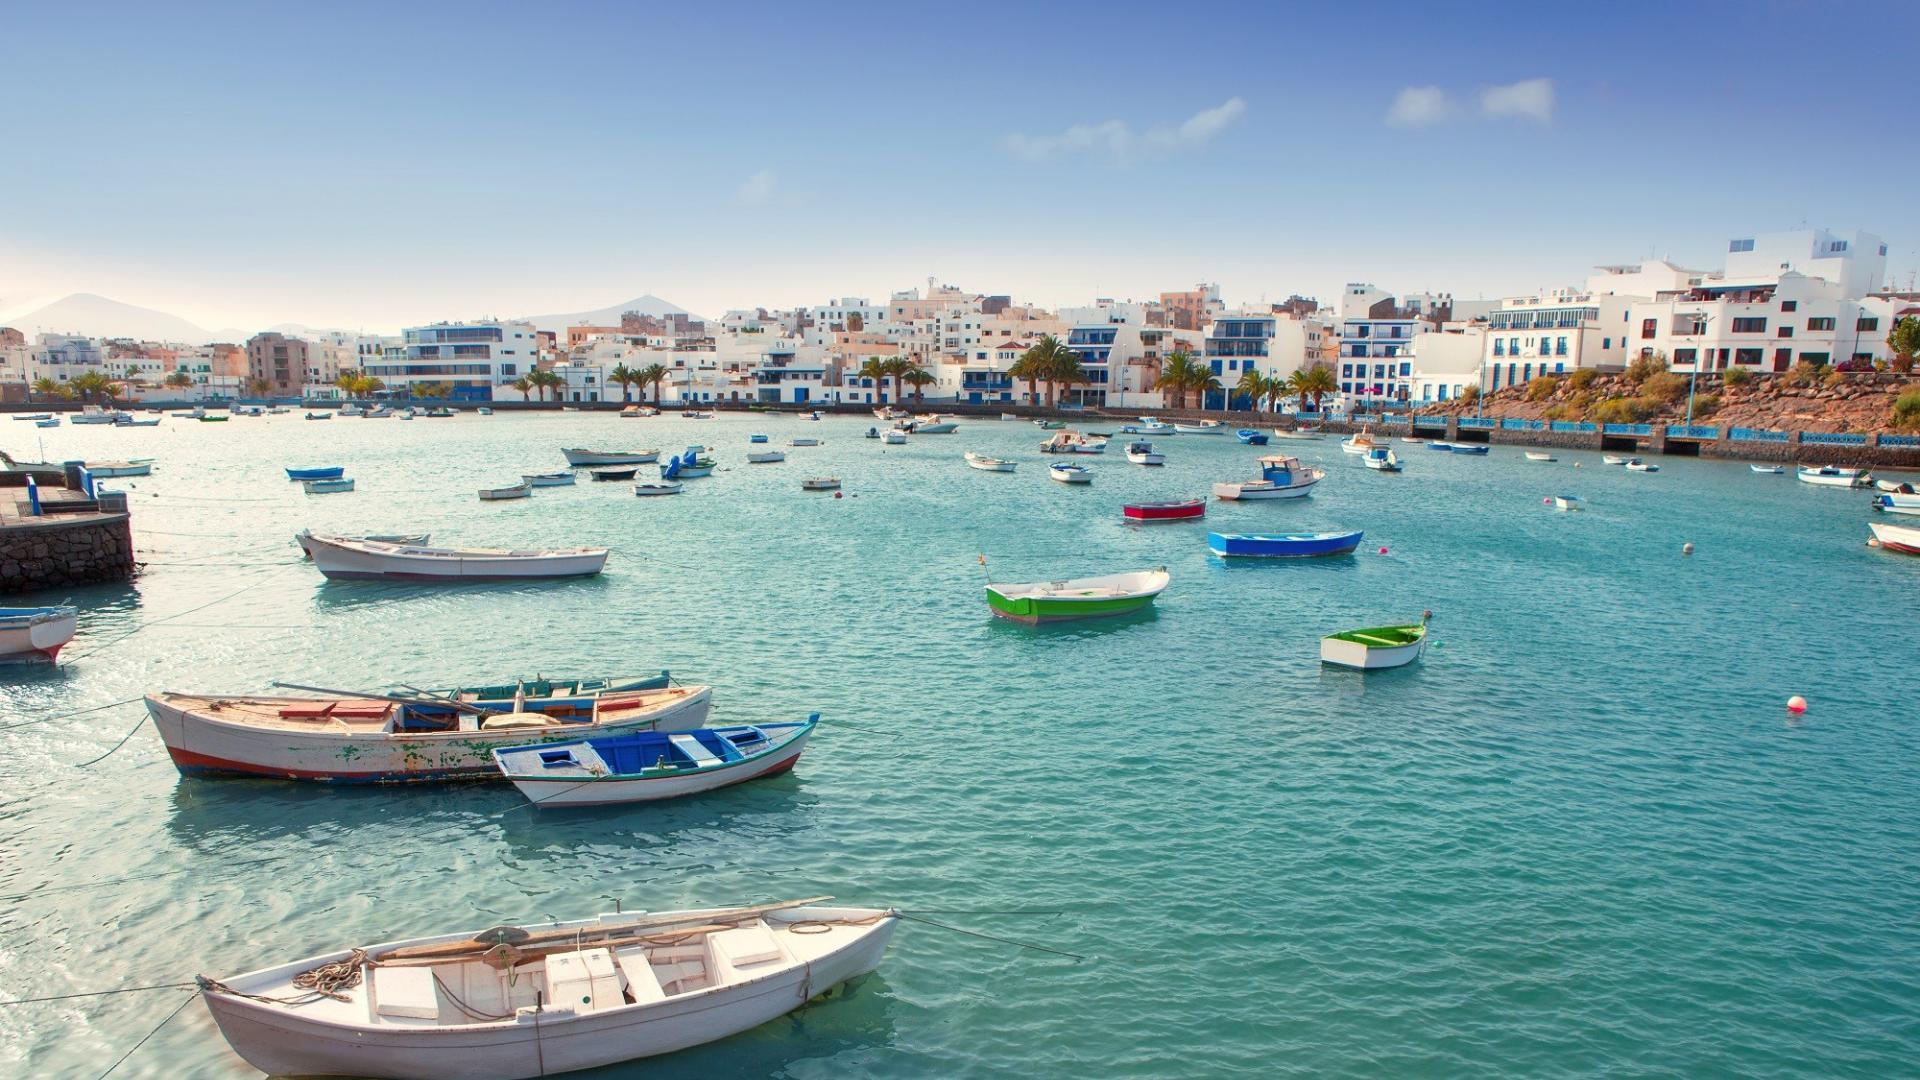 Dagaanbieding: 8 of 15 dagen genieten op het Spaanse eiland <b>Lanzarote</b> in een studio incl. autohuur